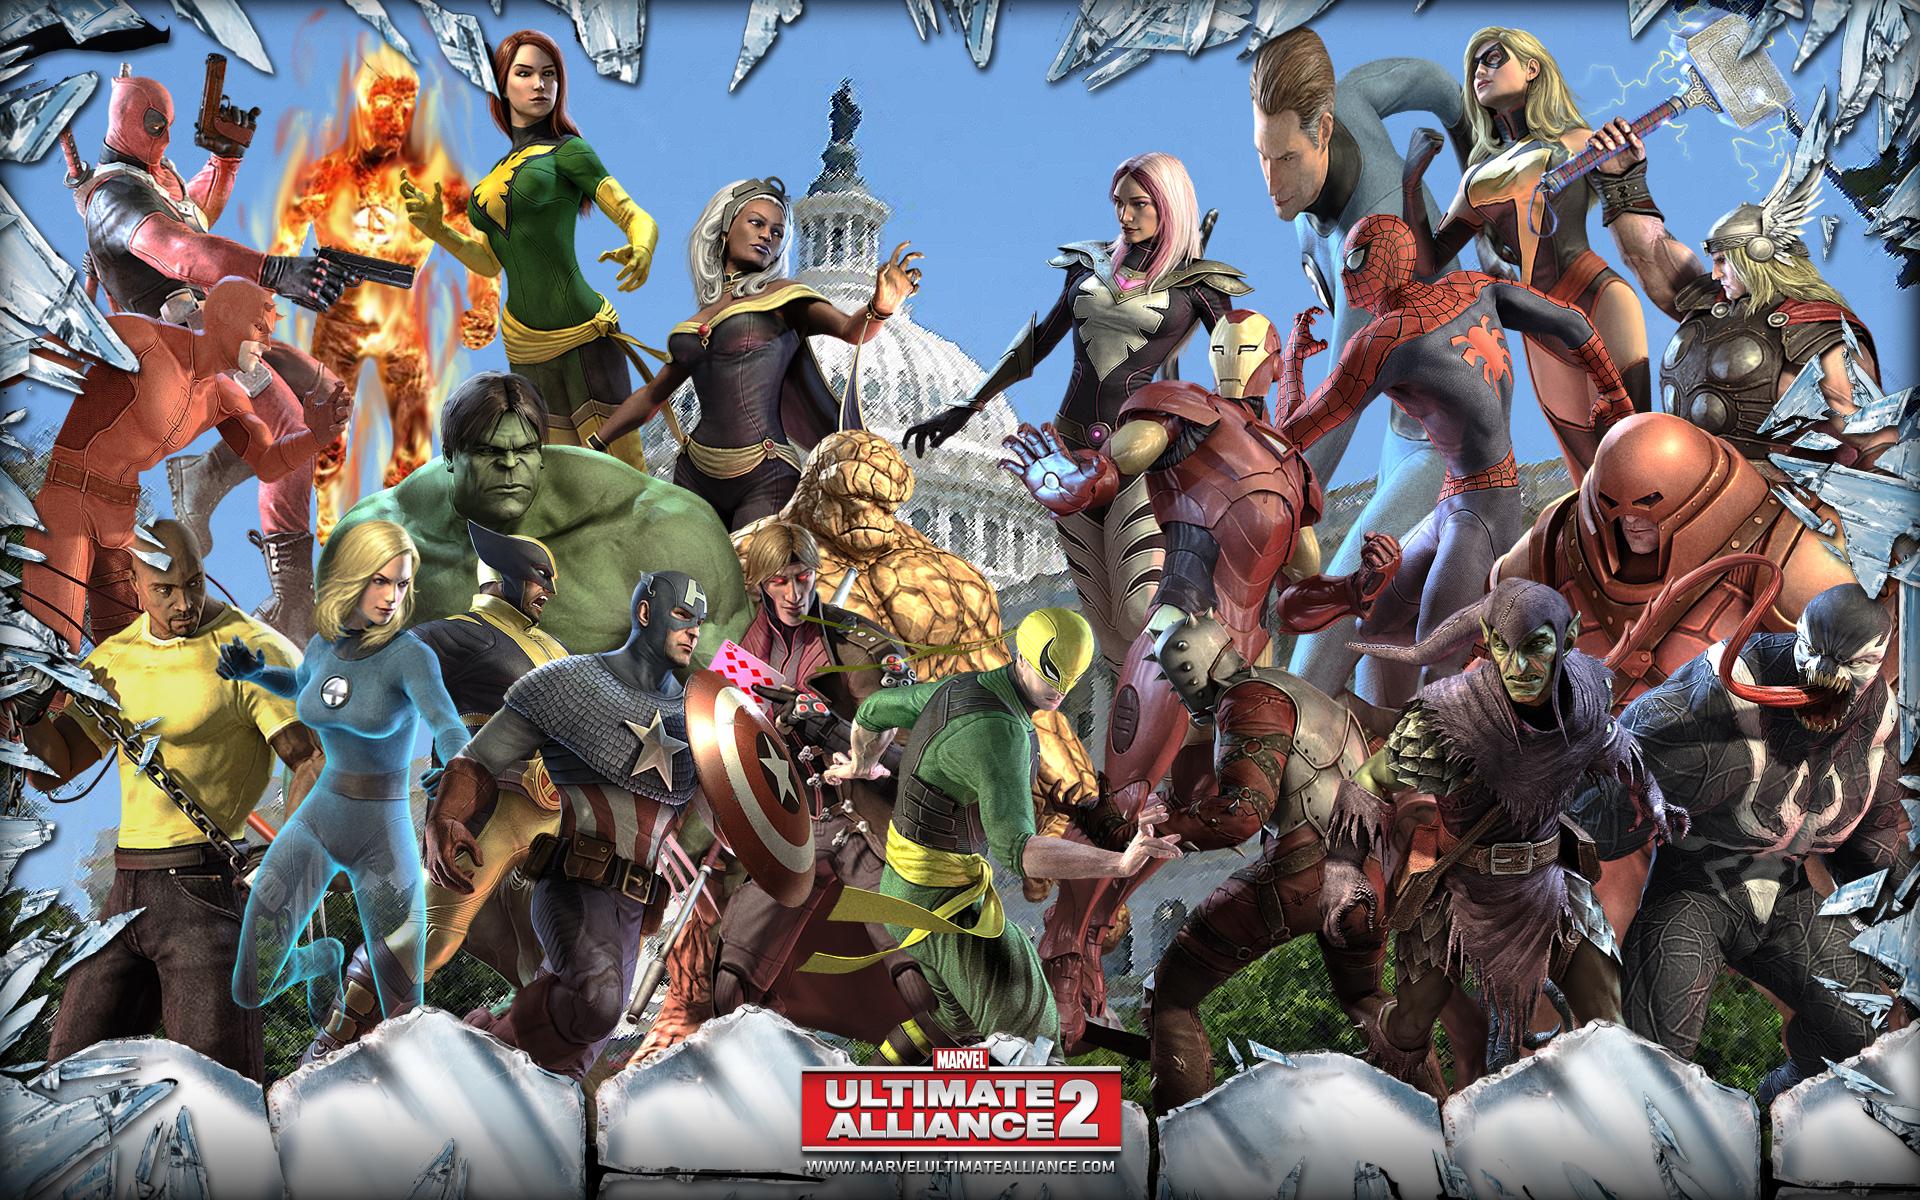 Marvel ultimate alliance 2 wallpaper